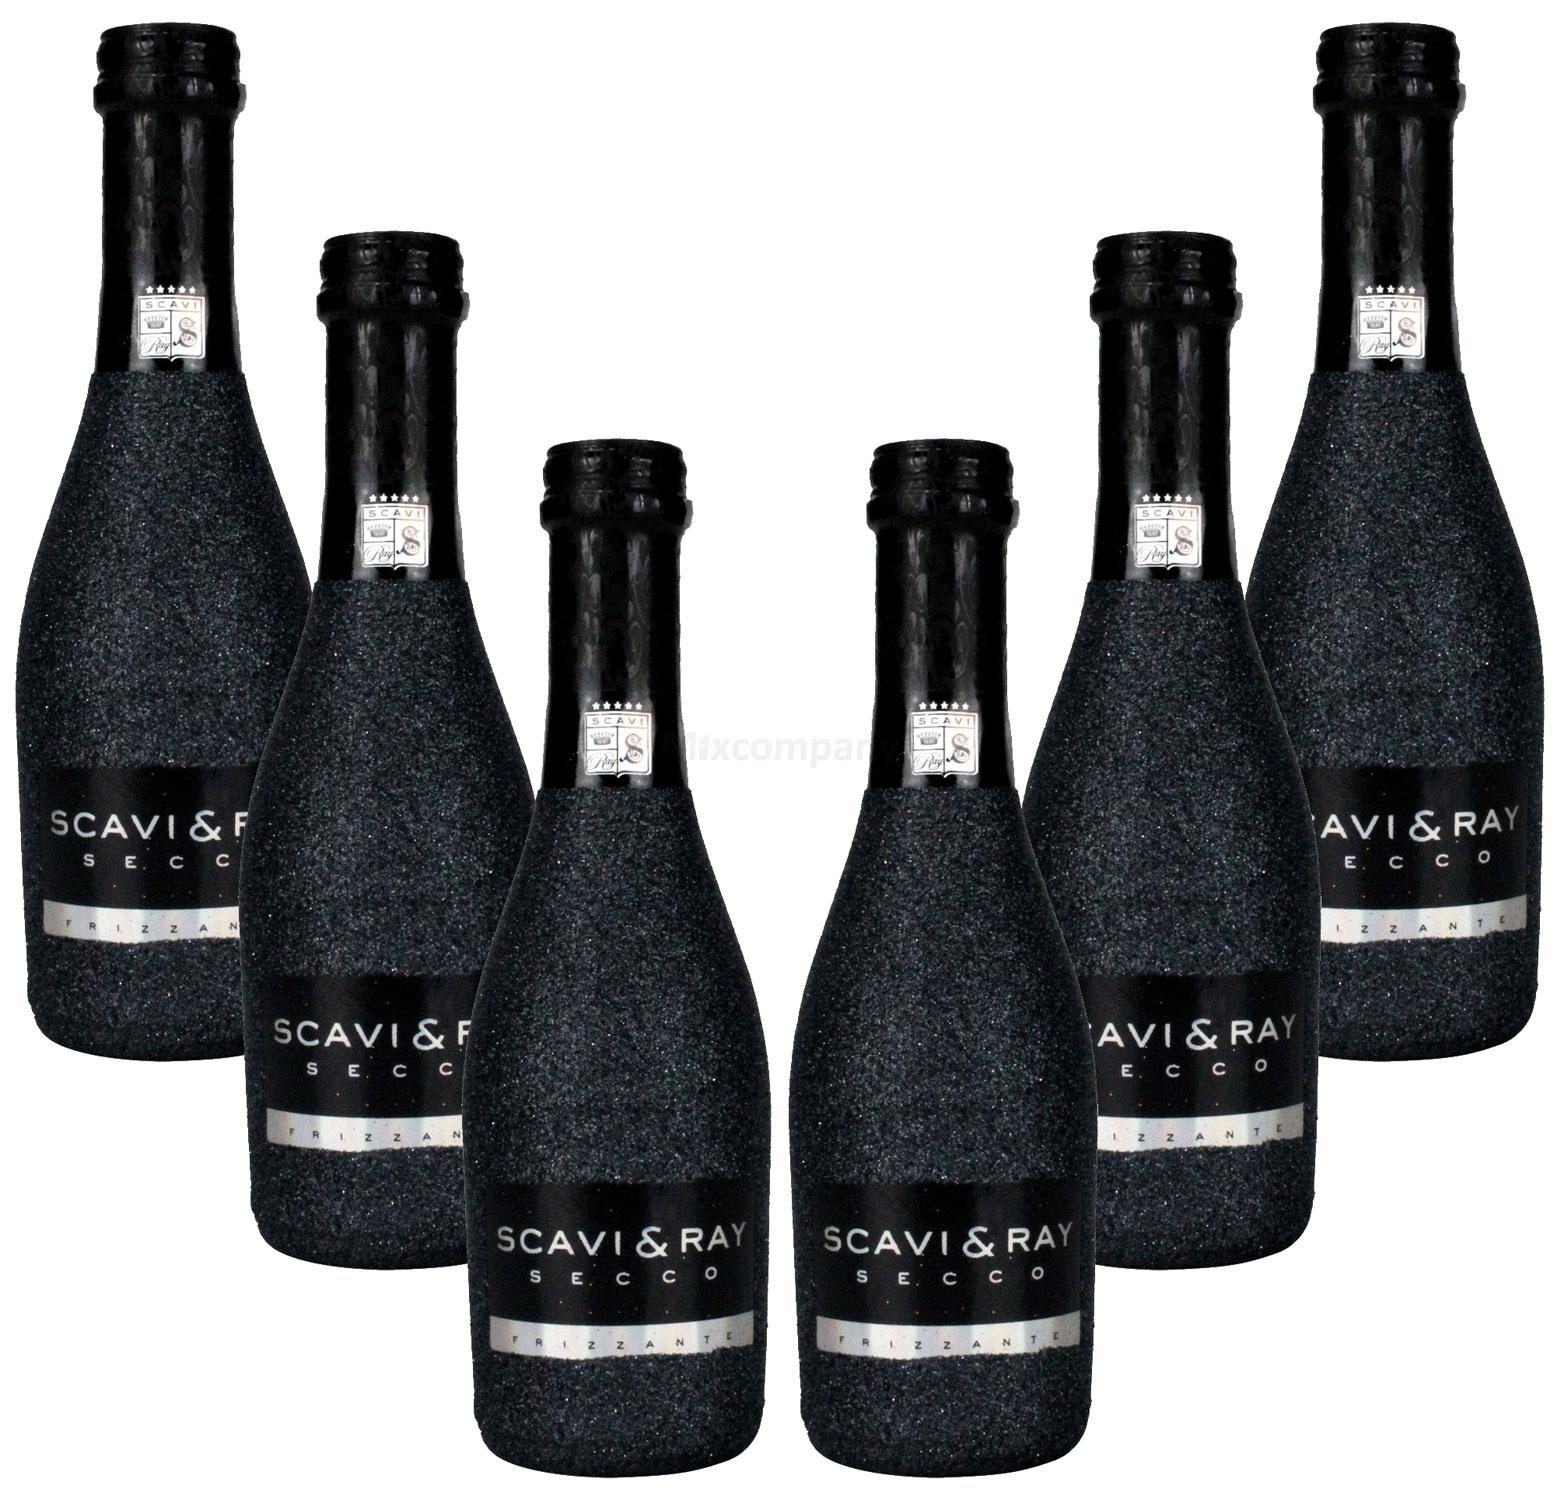 Scavi & Ray Secco Frizzante Piccolo 0,2l (10,5% Vol) Bling Bling Glitzerflasche in schwarz Aktion - 6 Stück (6x 0,2l = 1,2L) -[Enthält Sulfite]